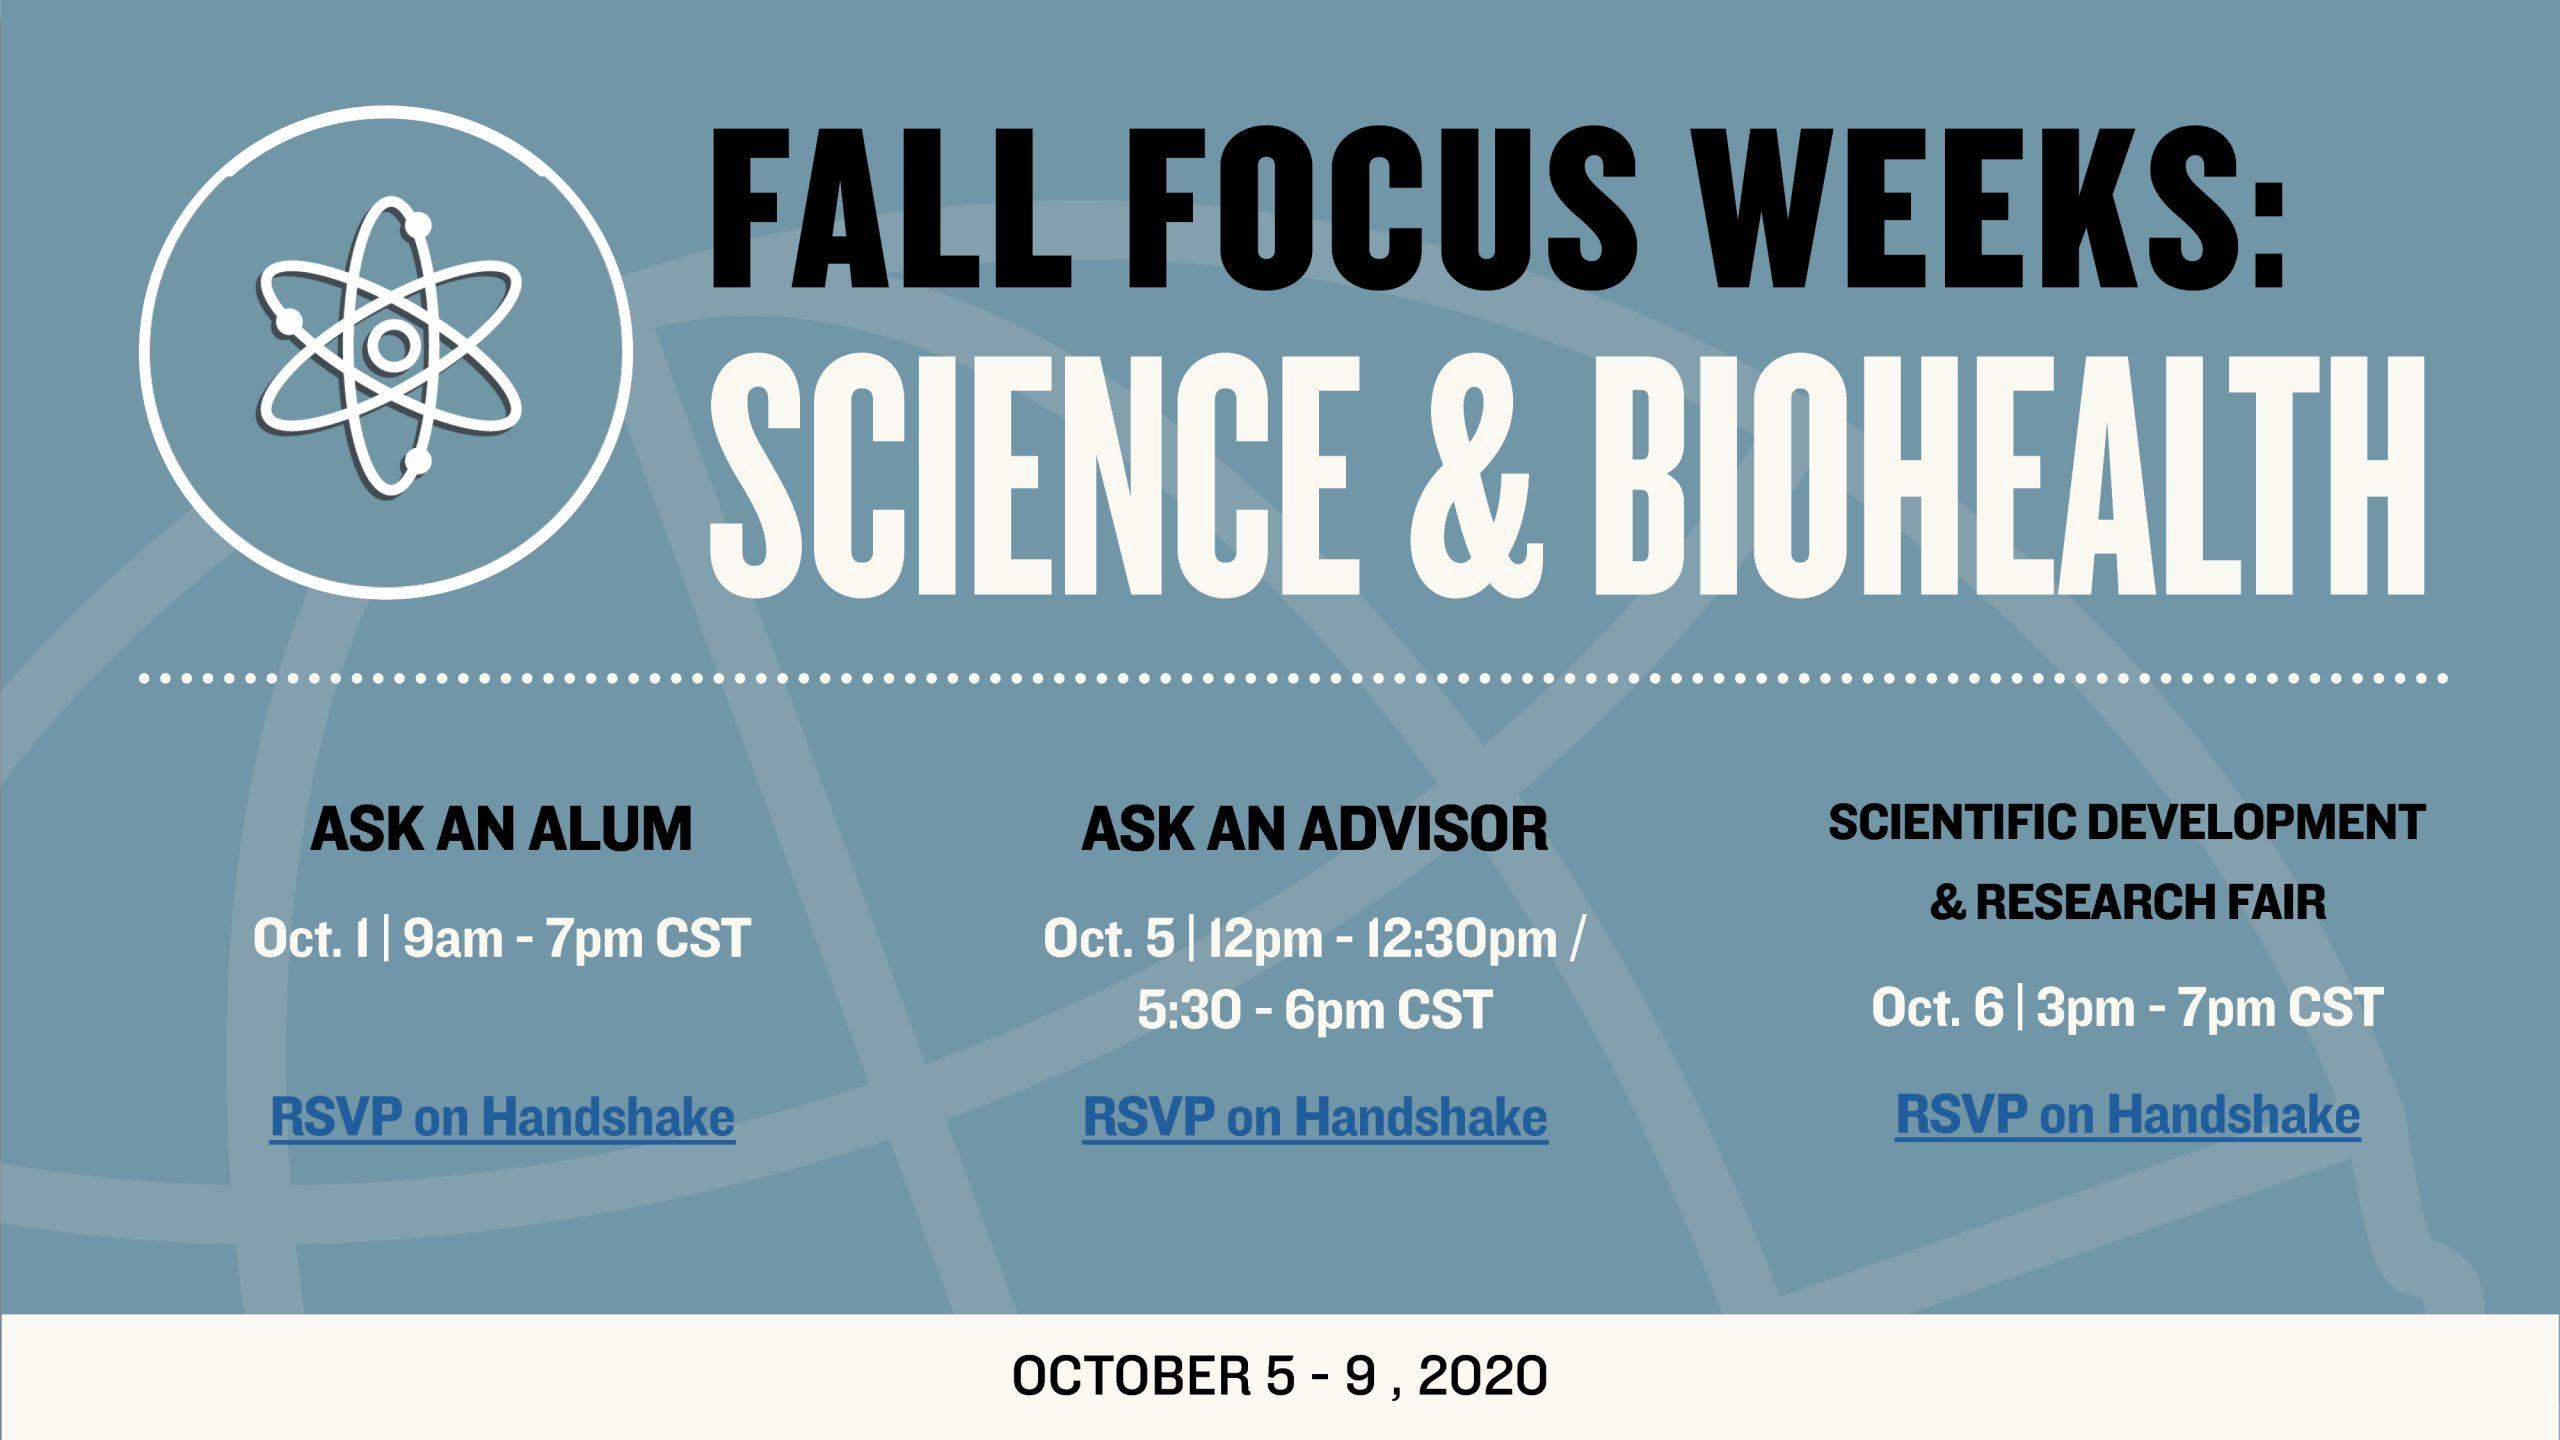 Science & BioHealth Week